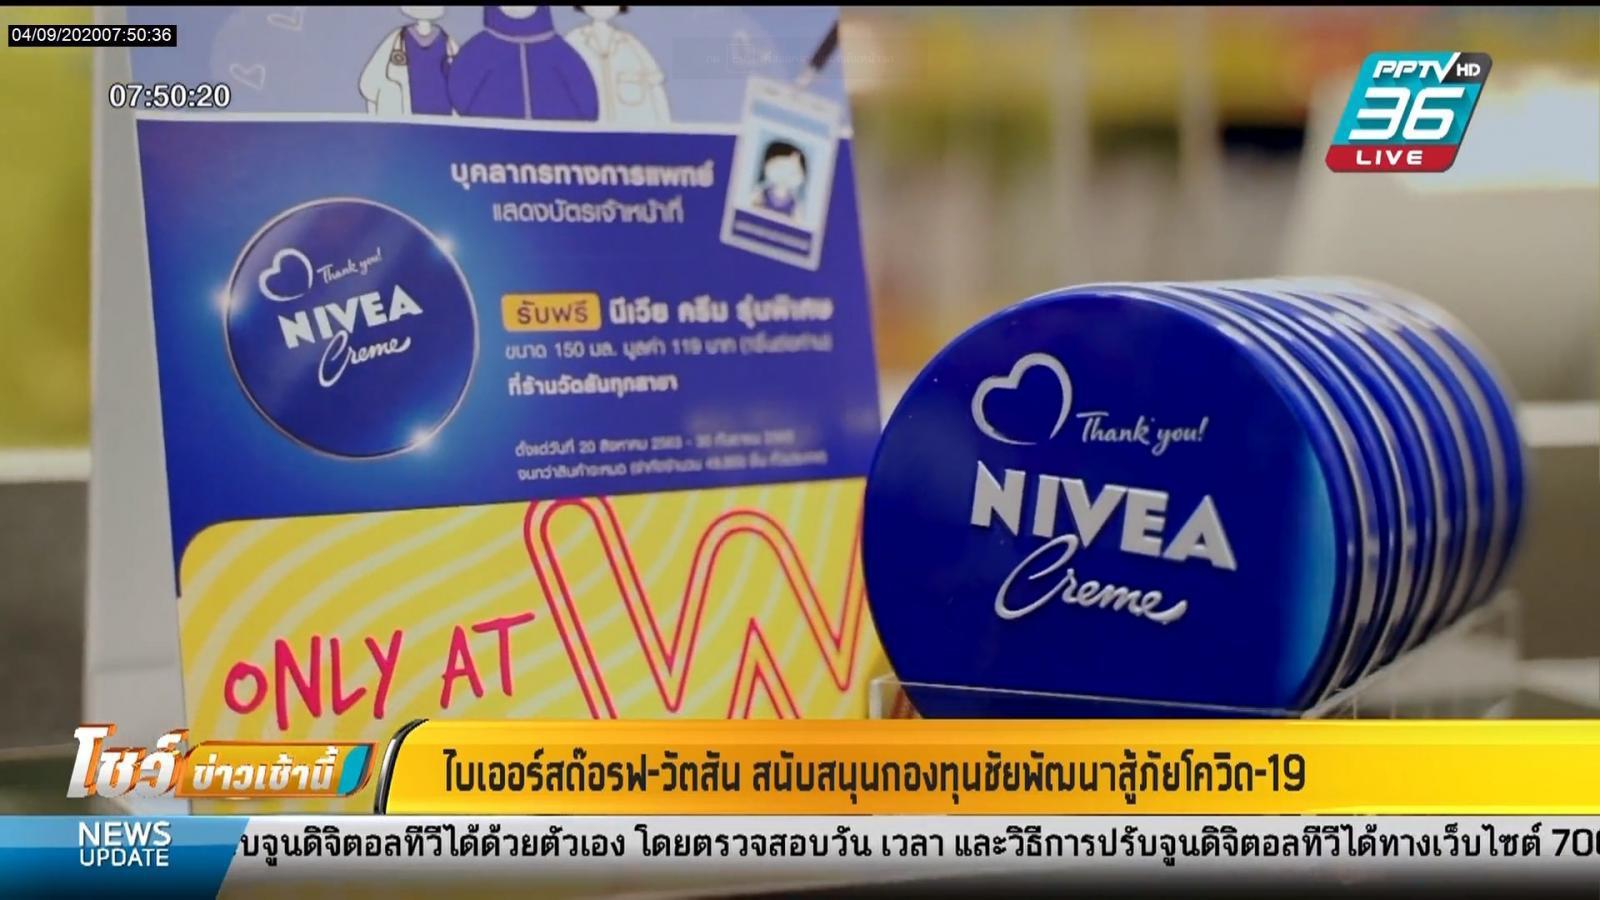 ไบเออร์สด๊อรฟ (ประเทศไทย)  มอบ นีเวีย ครีม 86,000 ตลับแก่บุคลากรทางการแพทย์ทั่วประเทศ